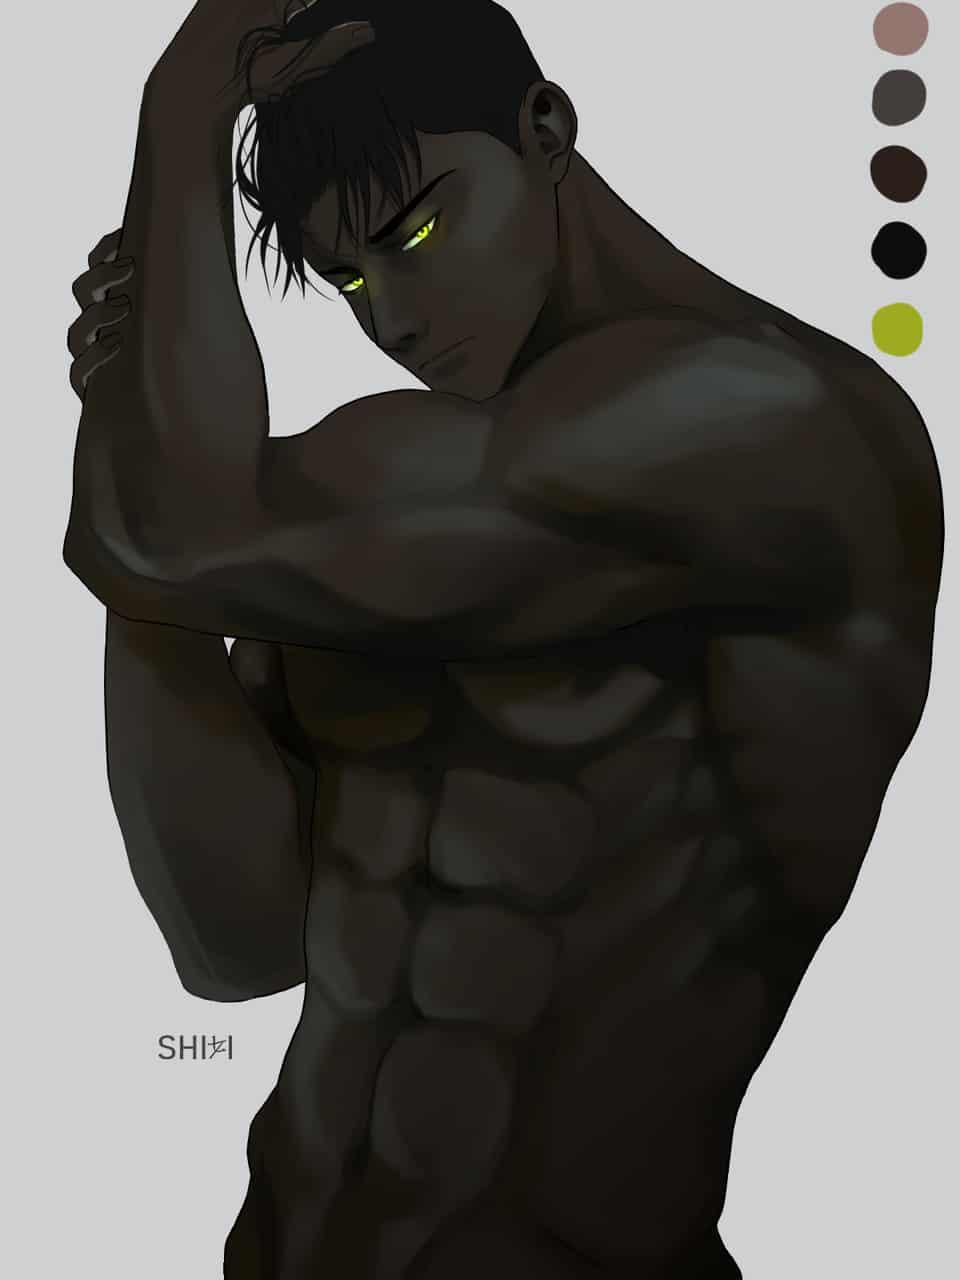 Handsome-san